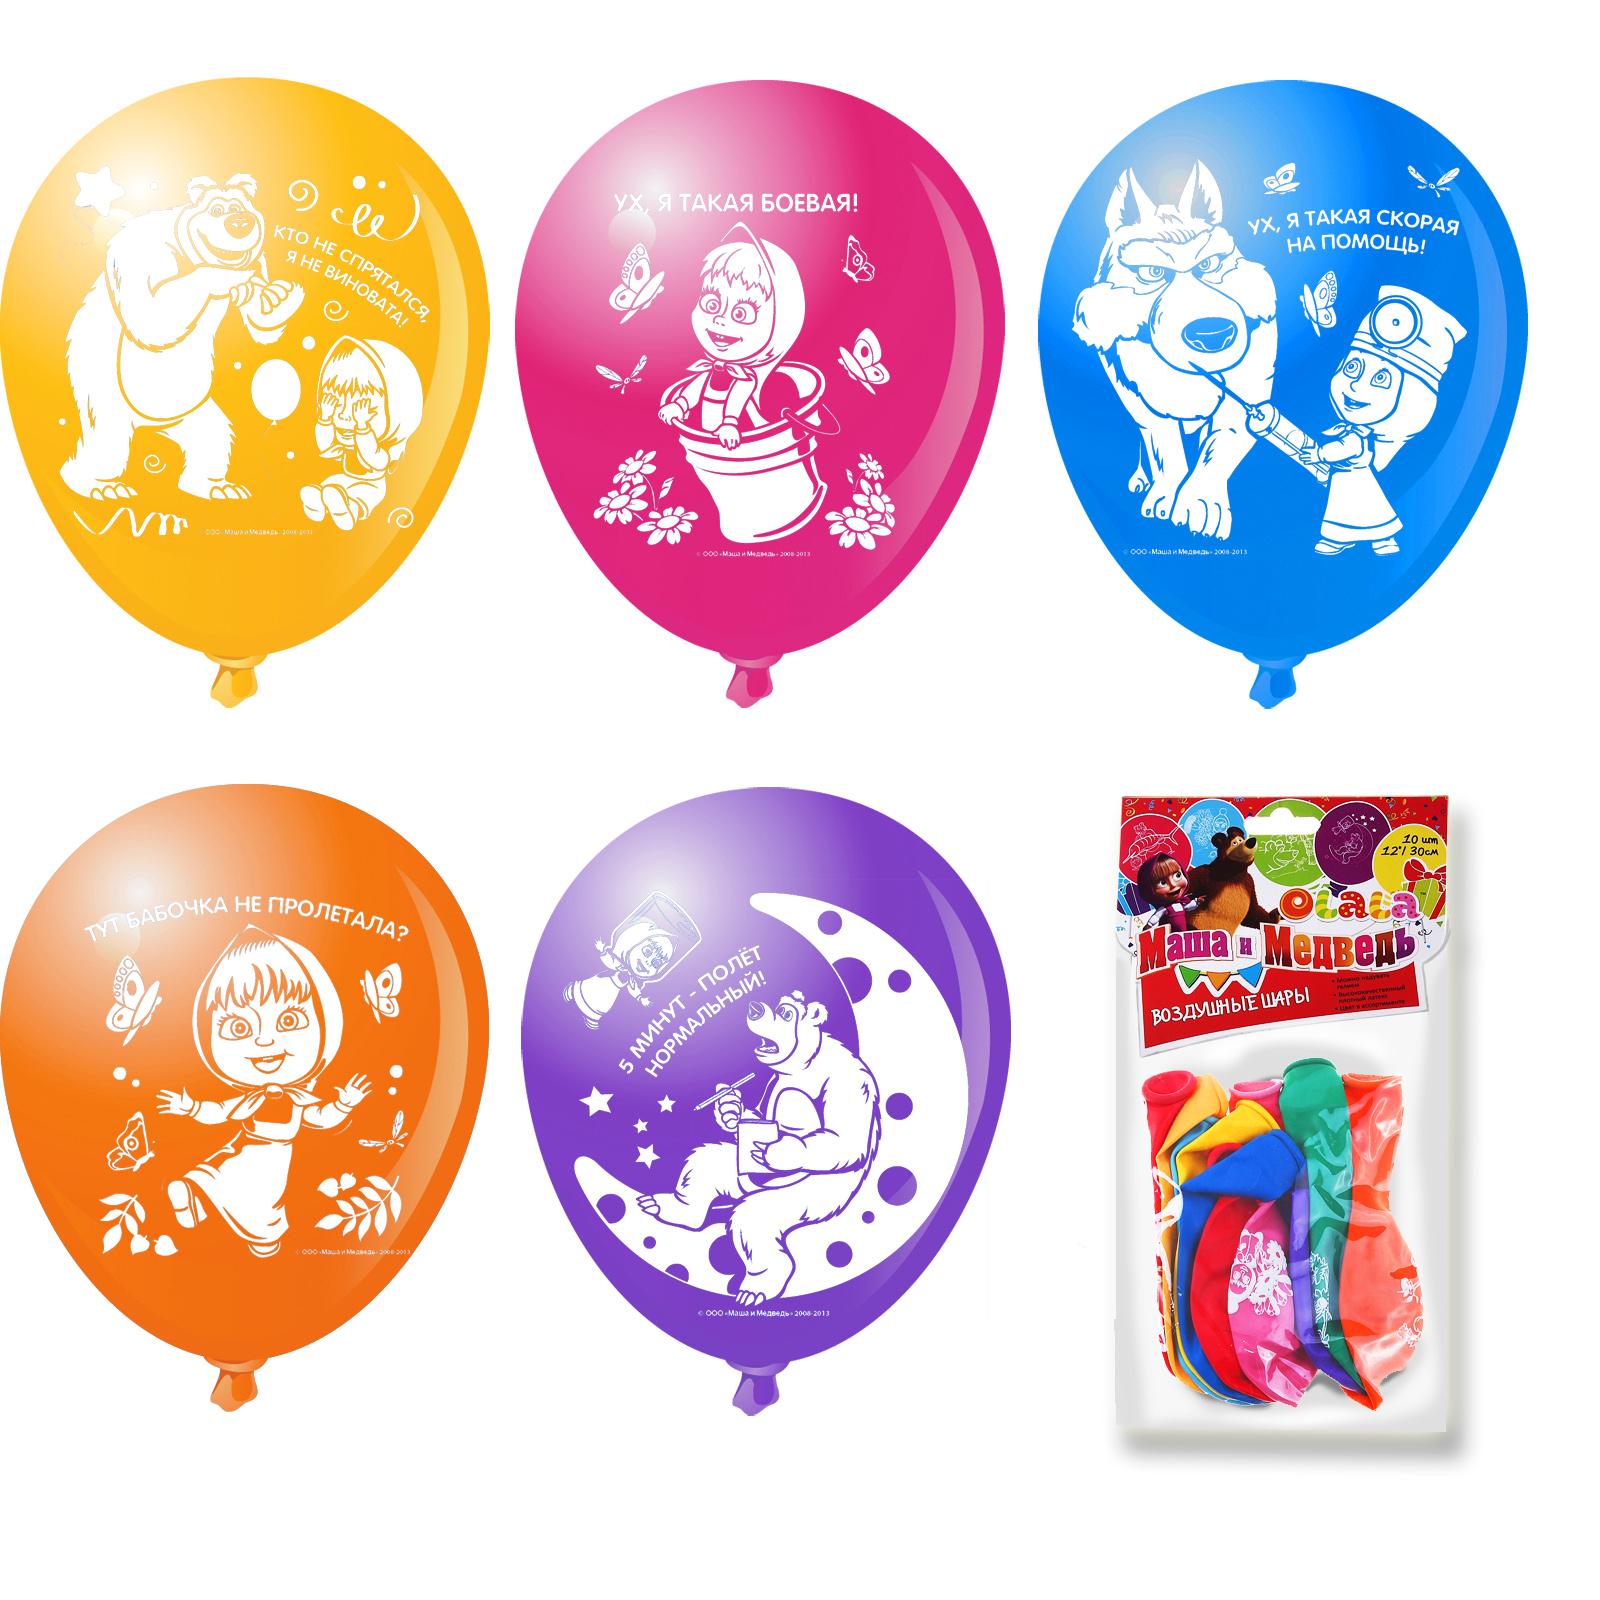 Воздушные шары Маша и Медведь Маша и Медведь пенал 2 секционный карт маша и медведь фантазия маша и медведь